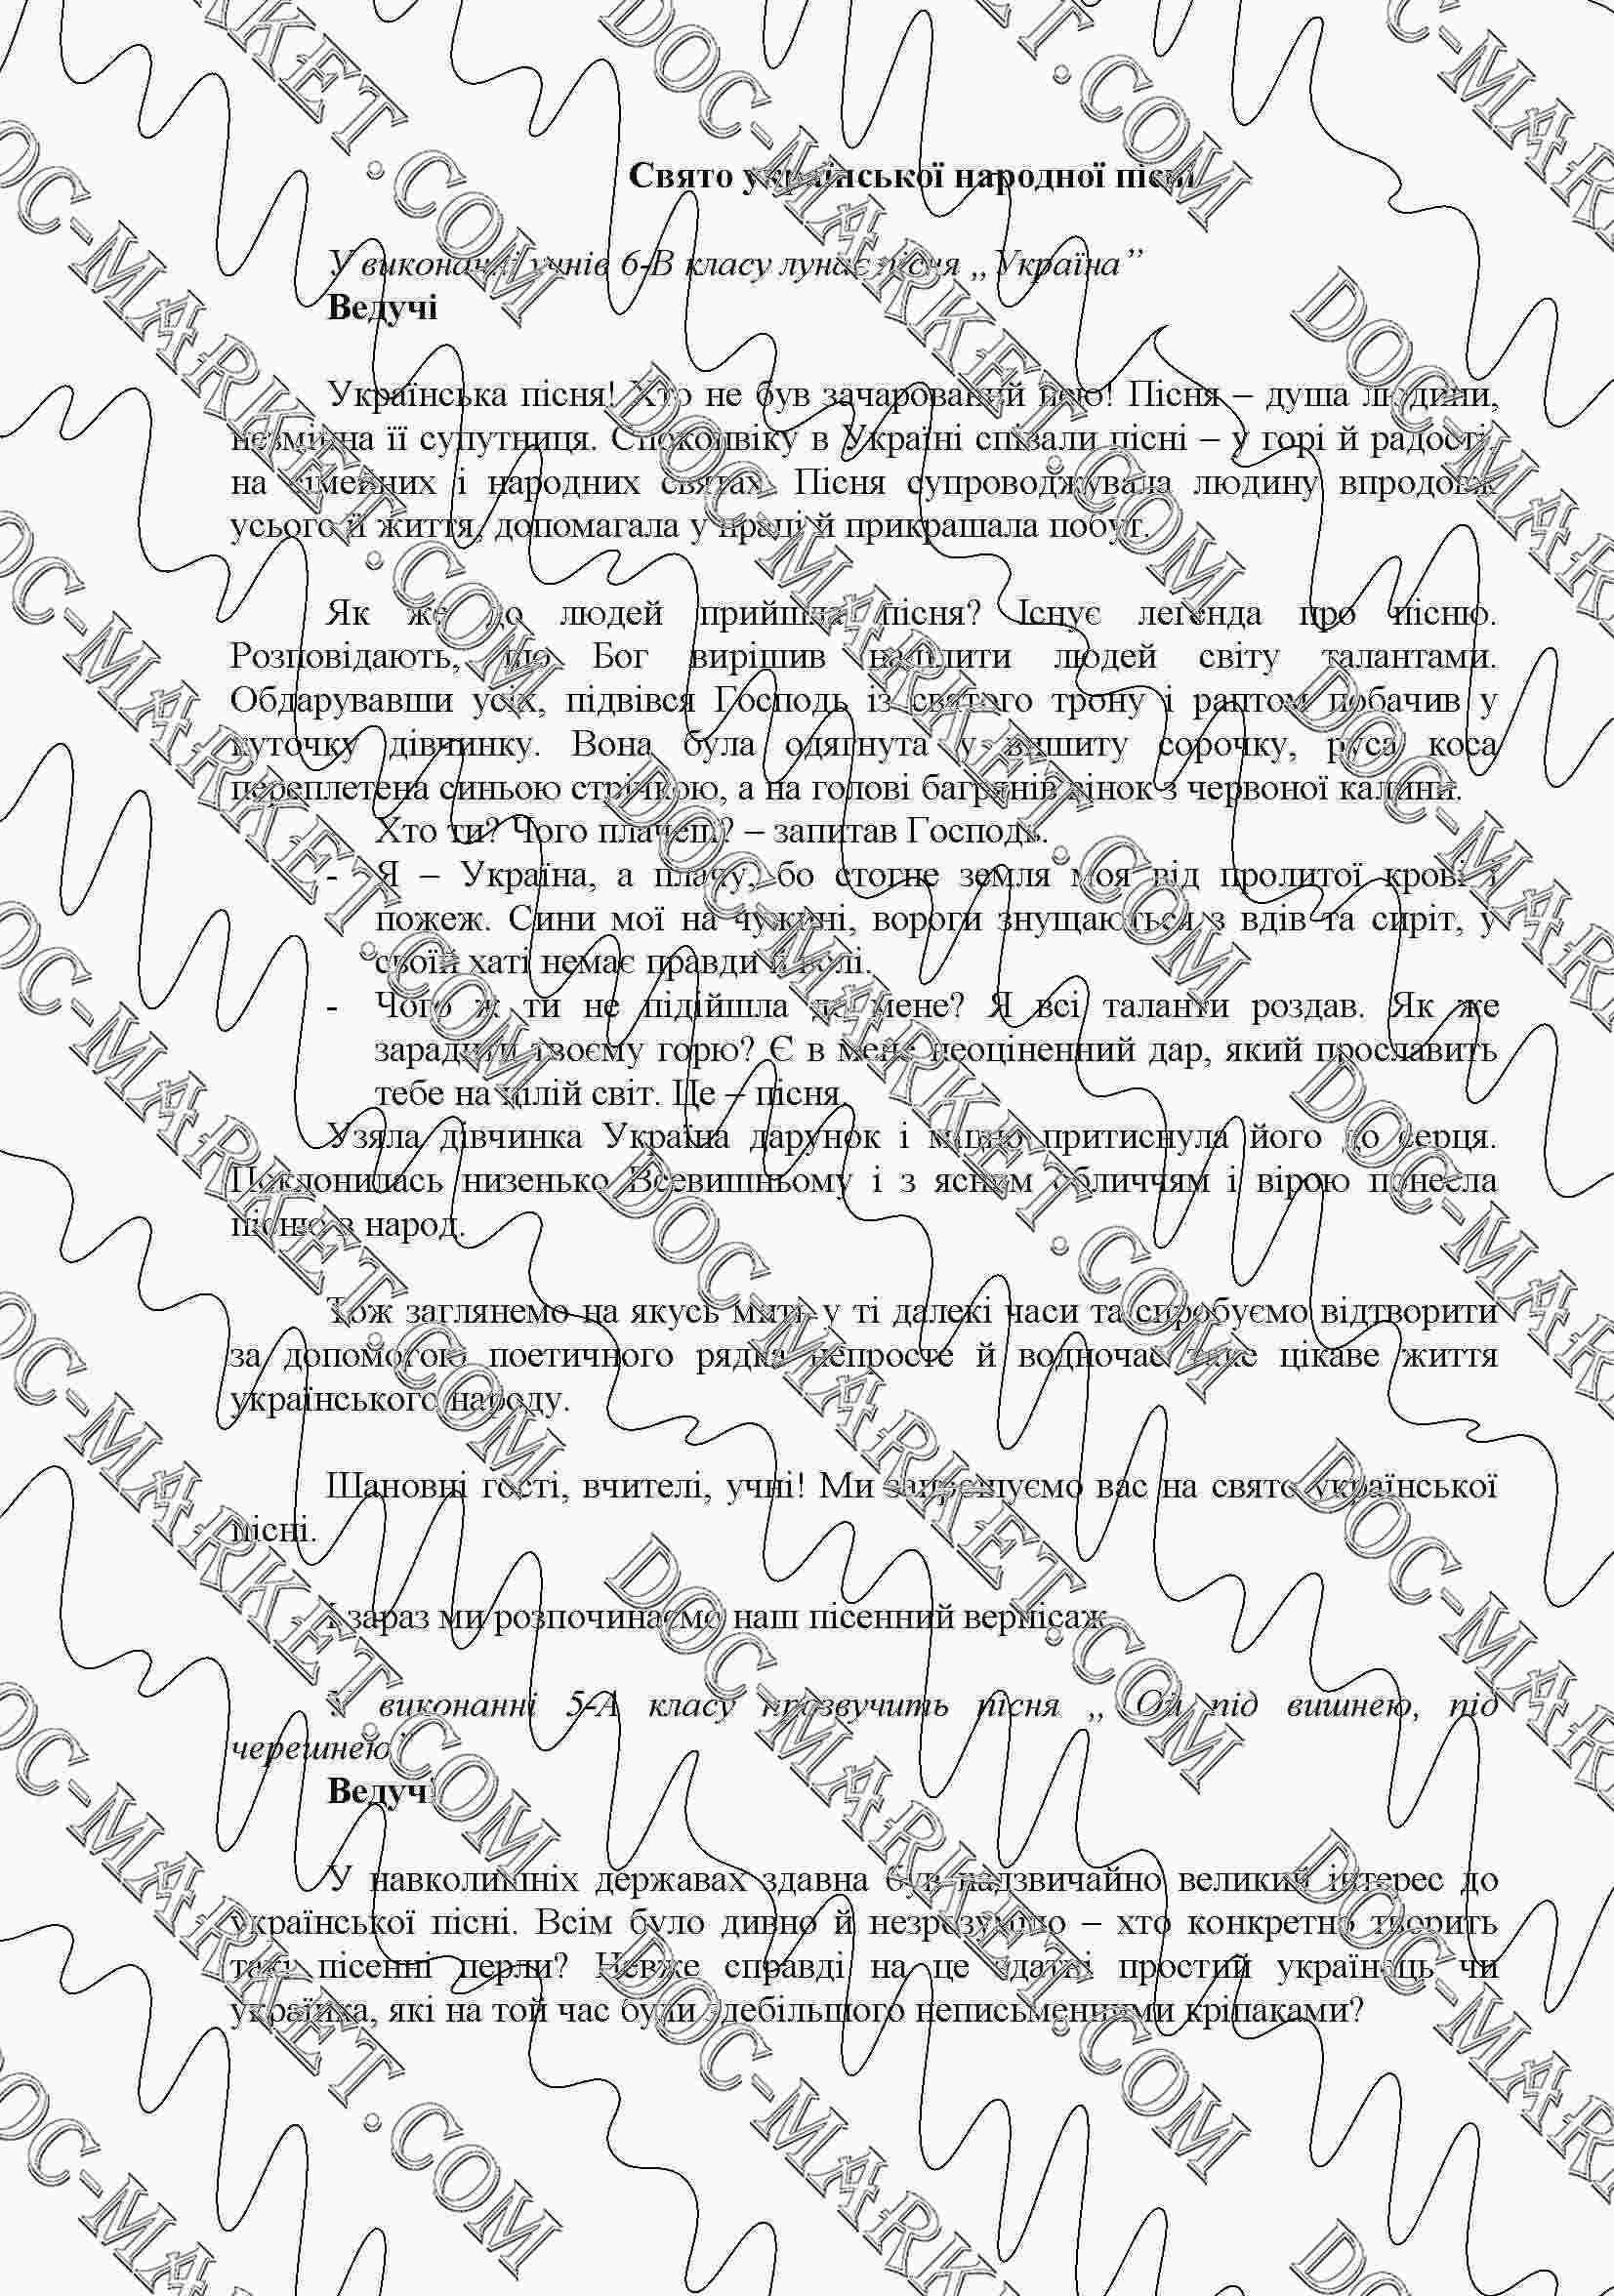 Сценарій шкільного свята українська